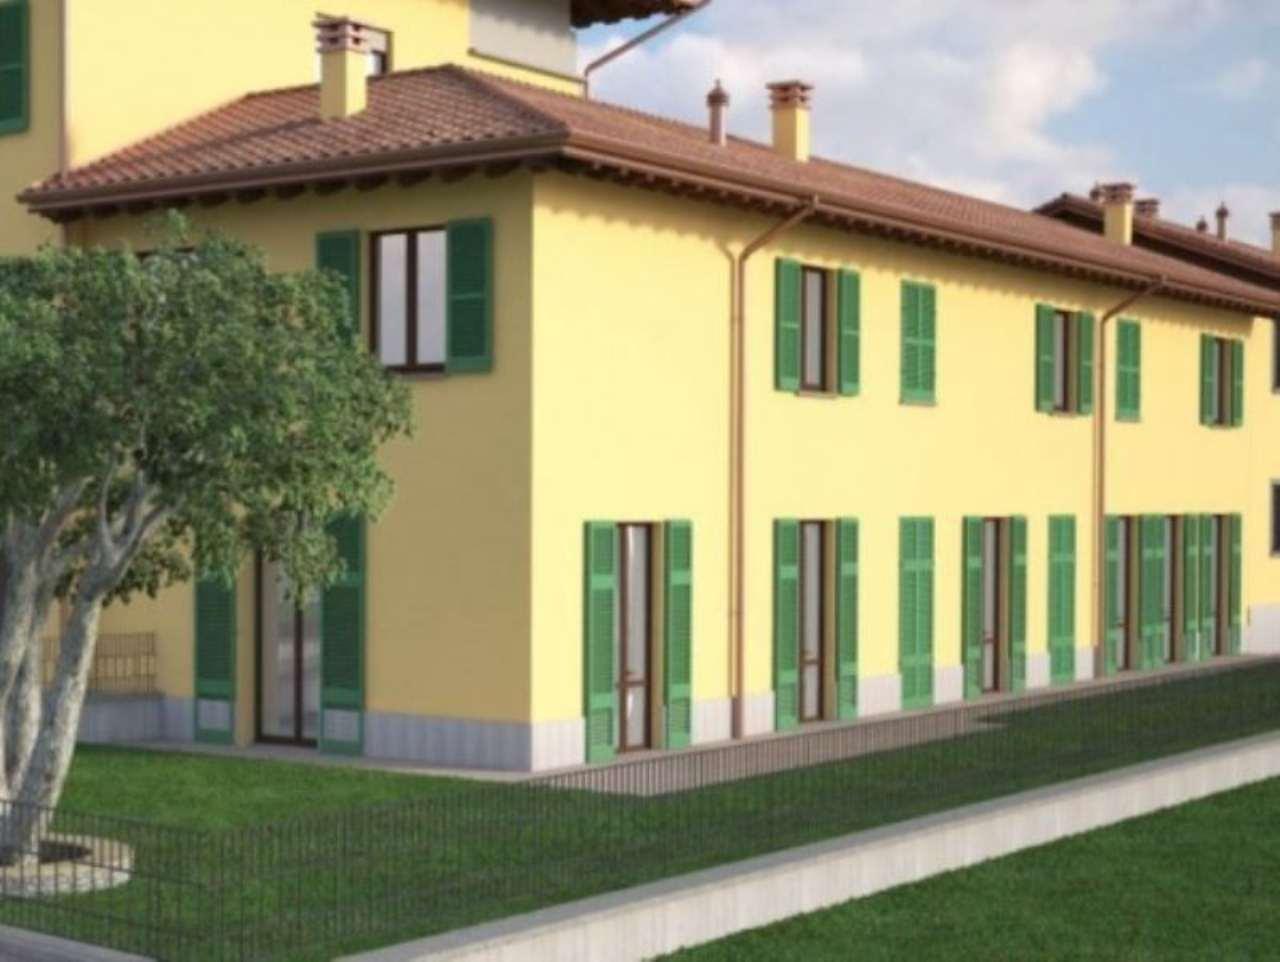 Villa in vendita a Inzago, 5 locali, prezzo € 331.000 | Cambio Casa.it